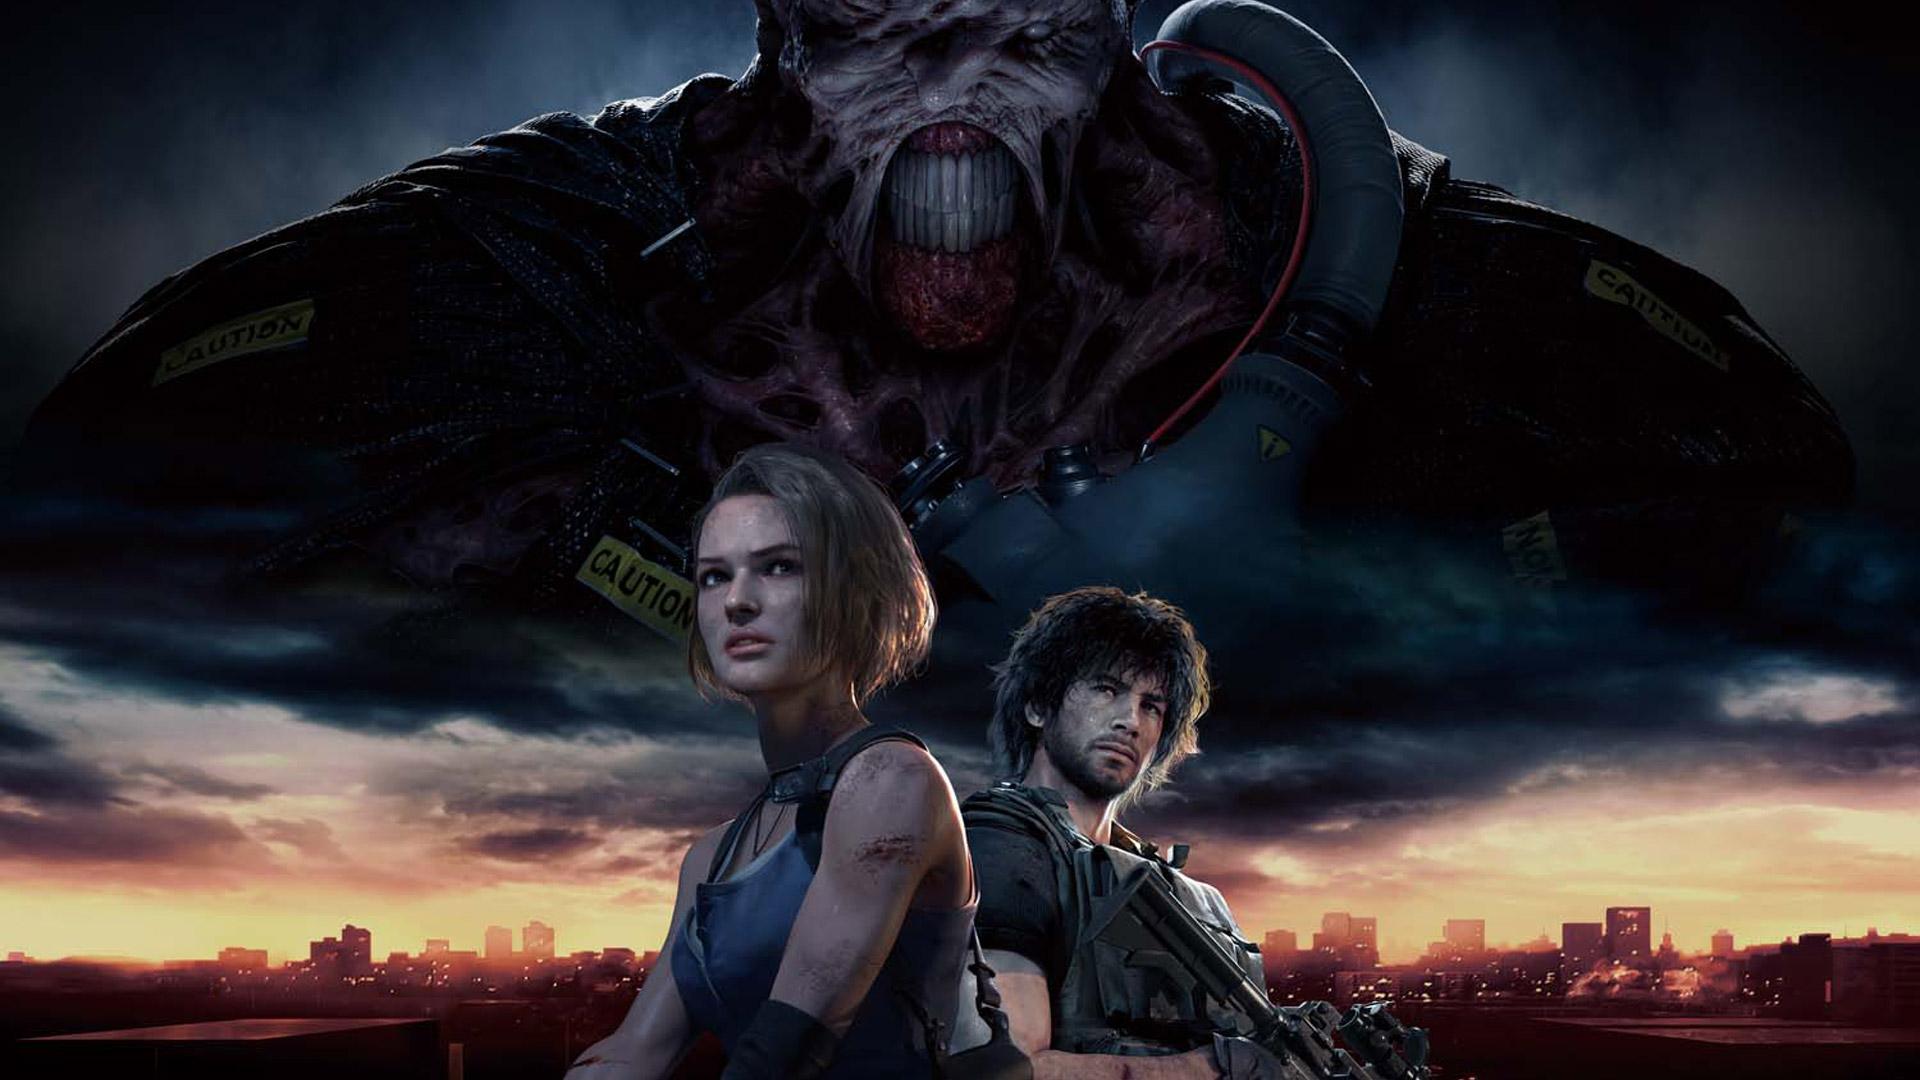 Resident Evil 3 Wallpaper in 1920x1080